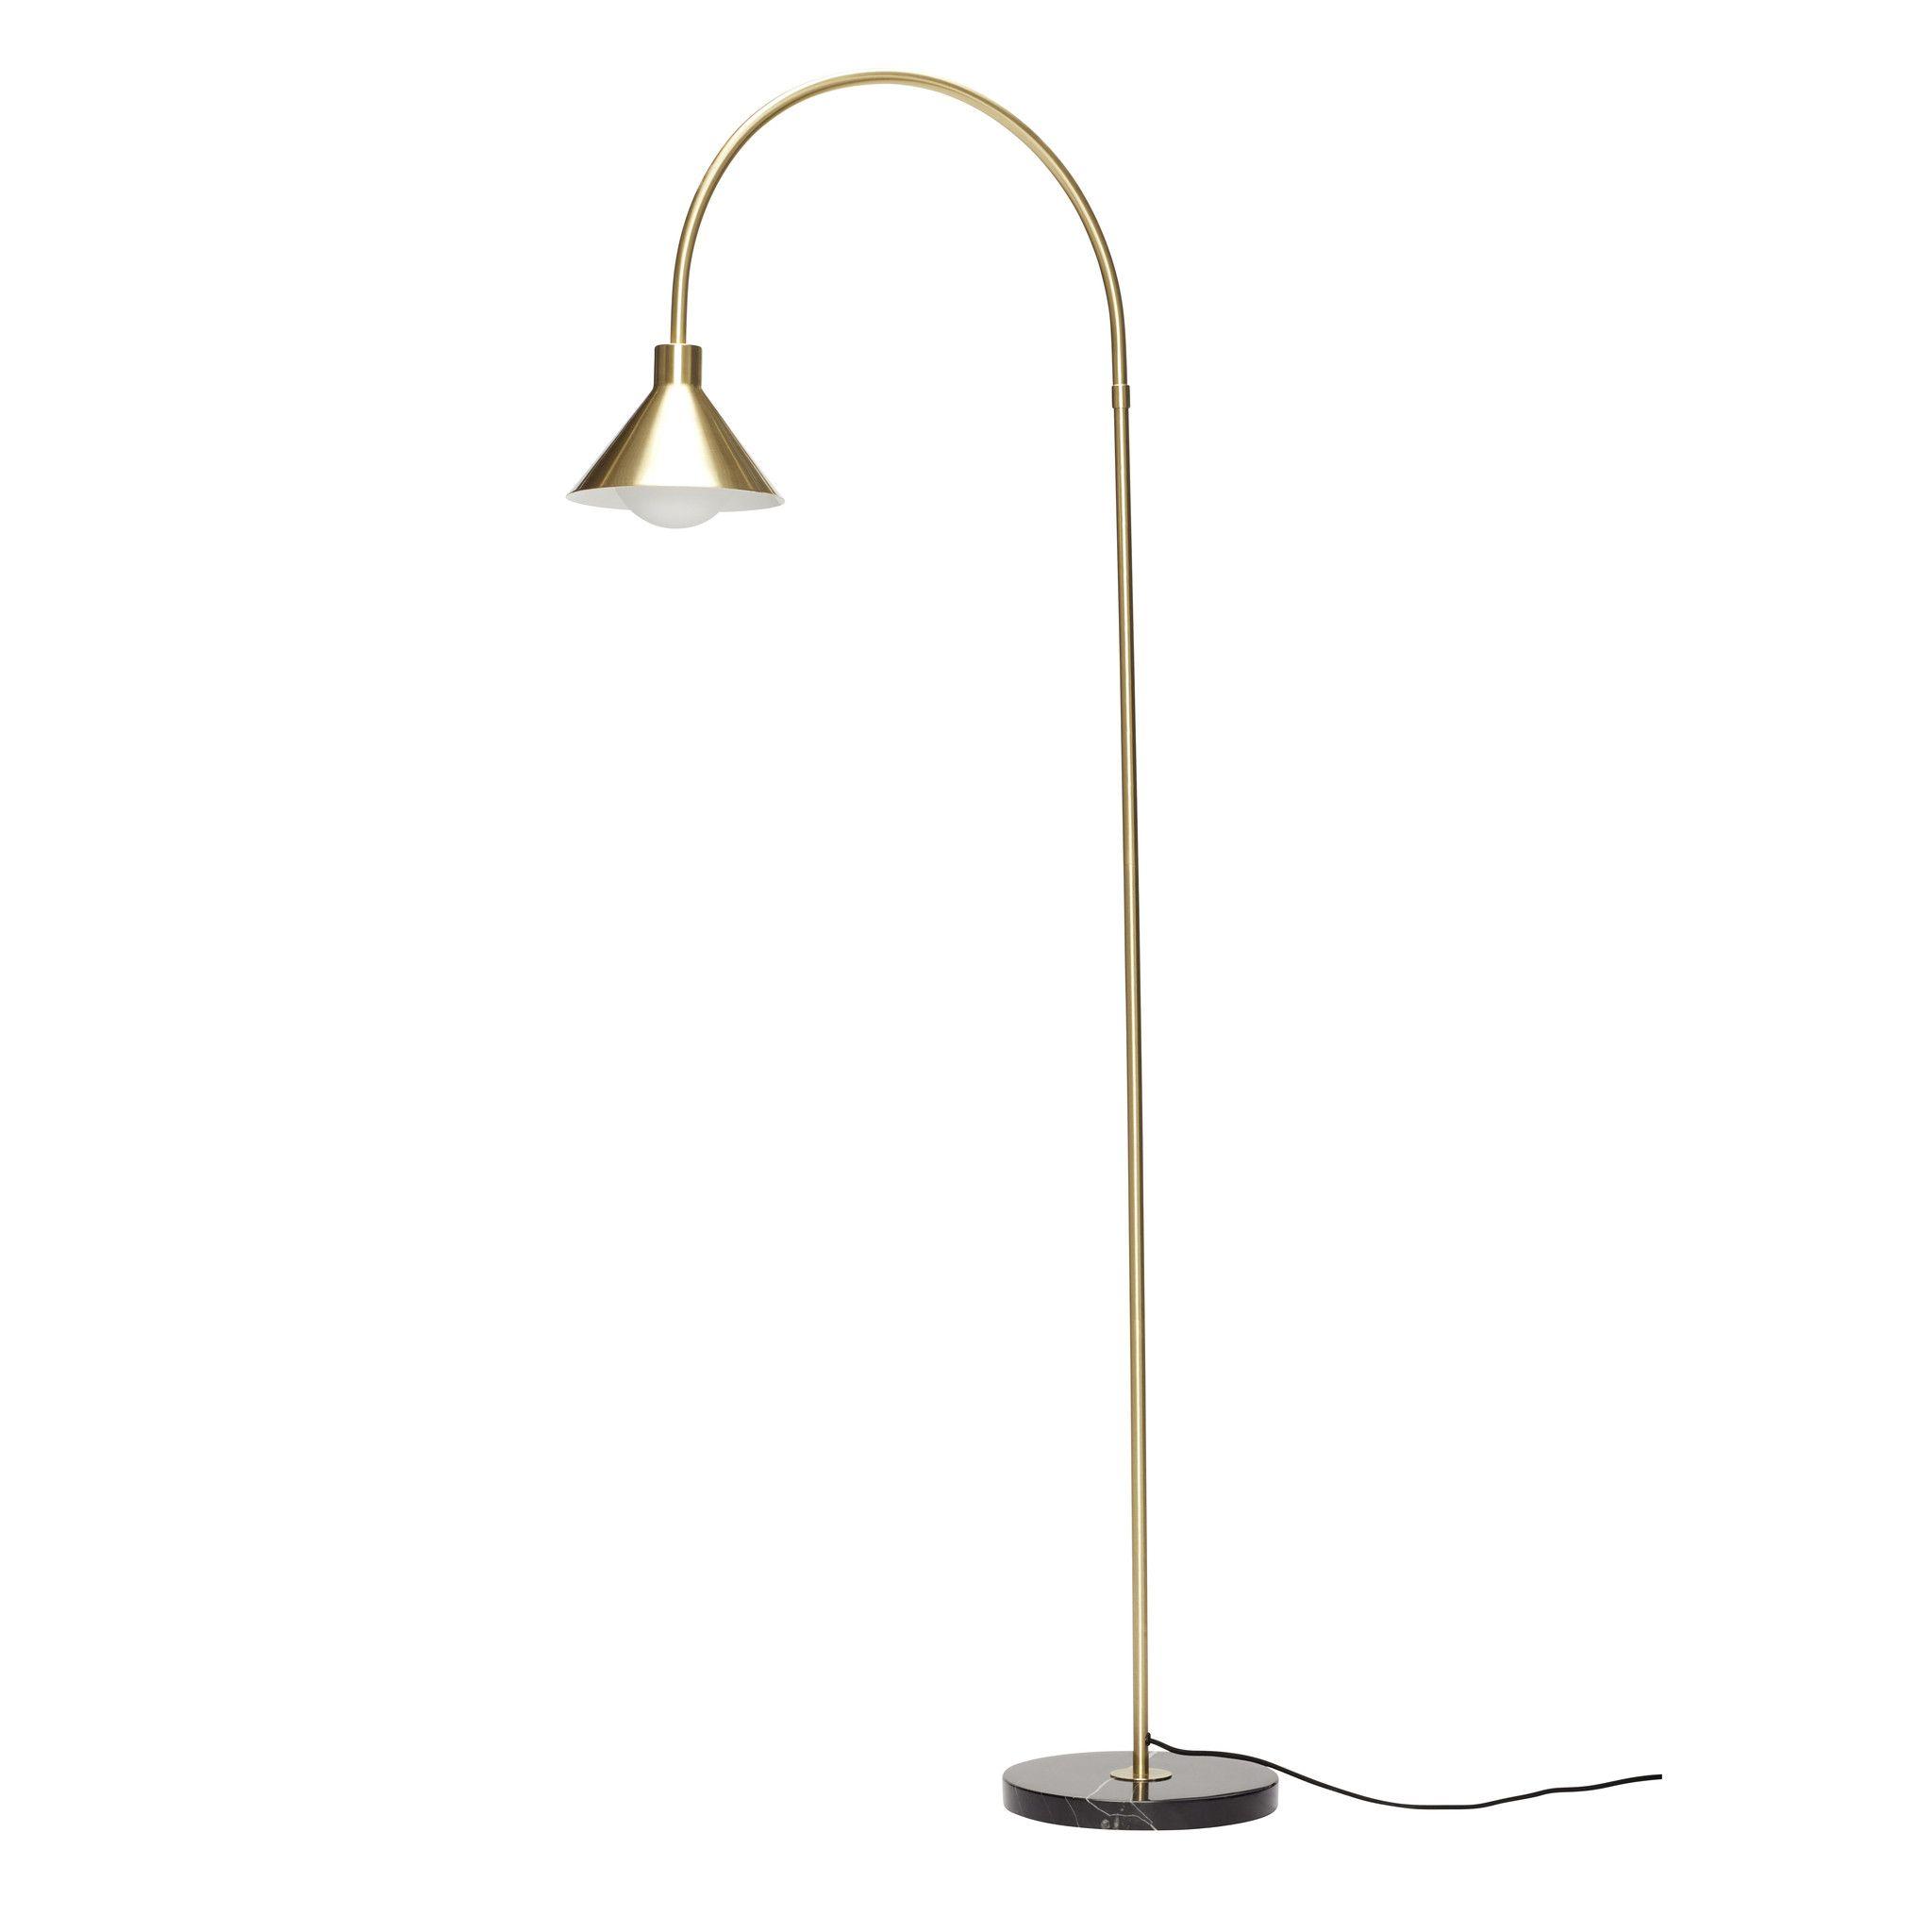 Hubsch Staande Lamp Met Marmeren Voet Zwart Messing In 2020 Vloerlamp Lampen Messing